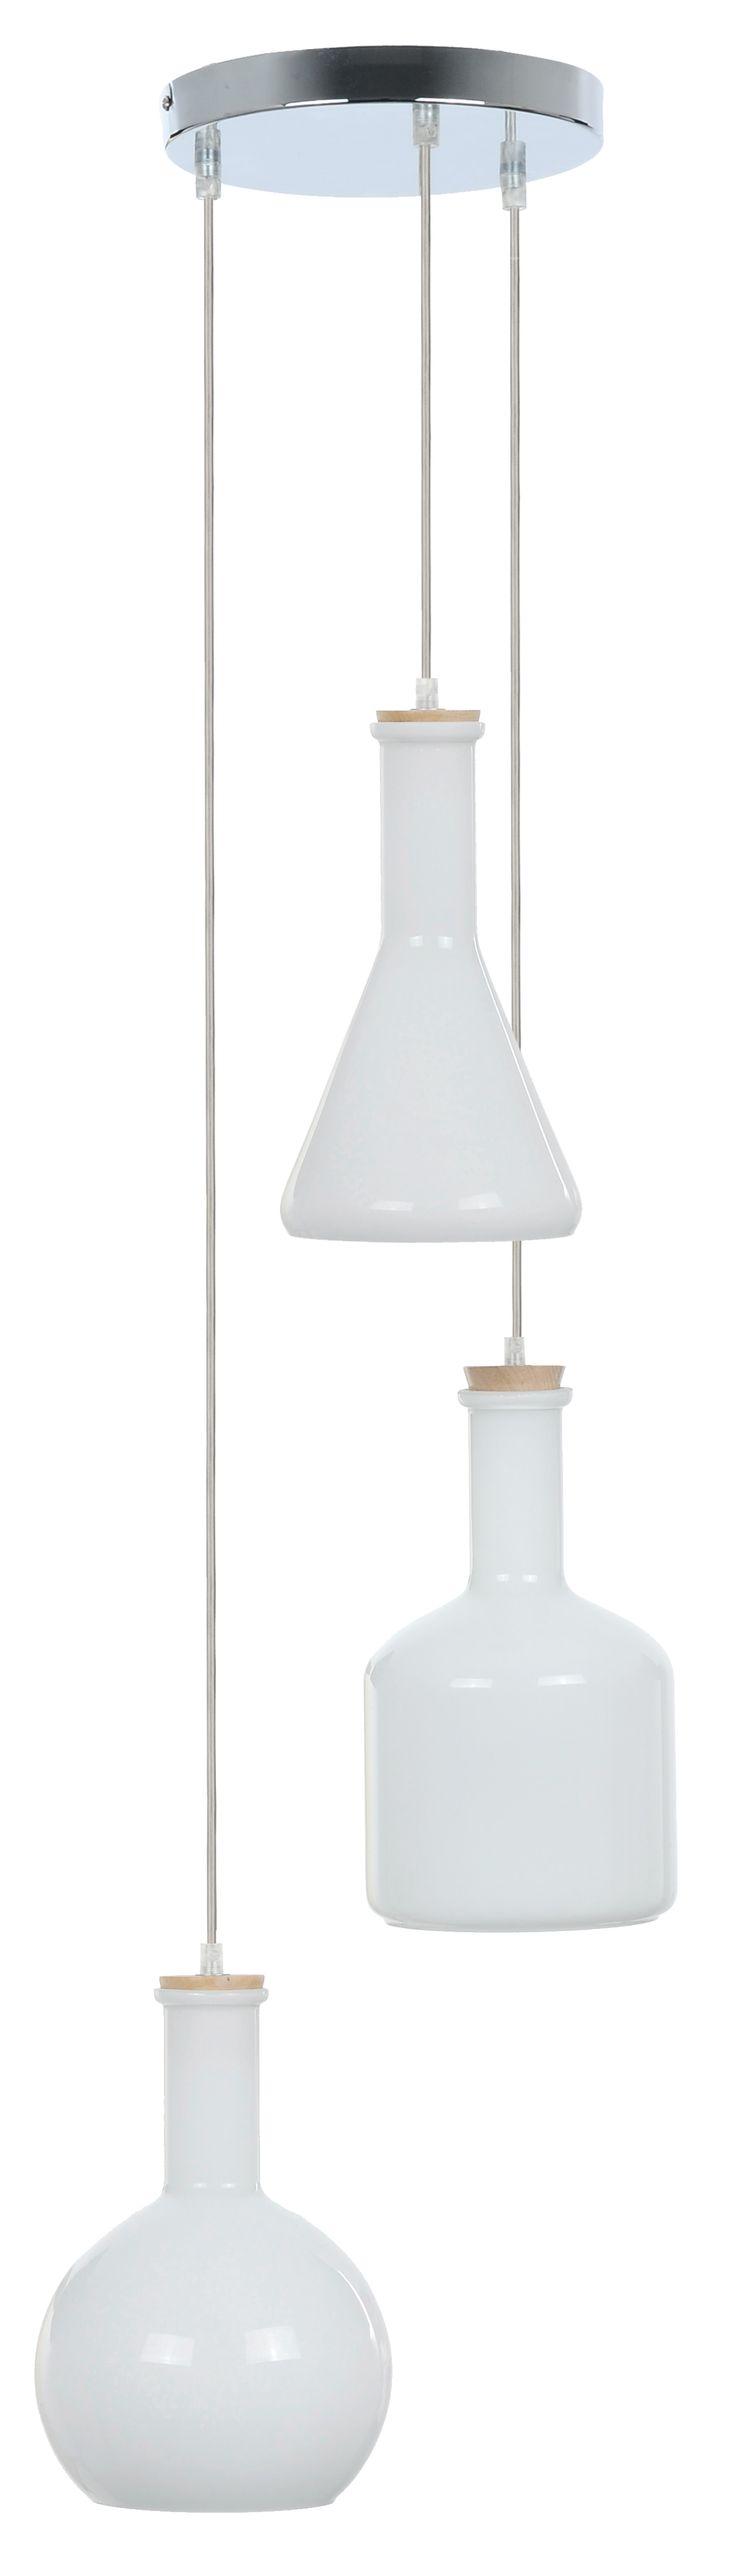 Bottles pendant lamp, Spot Light